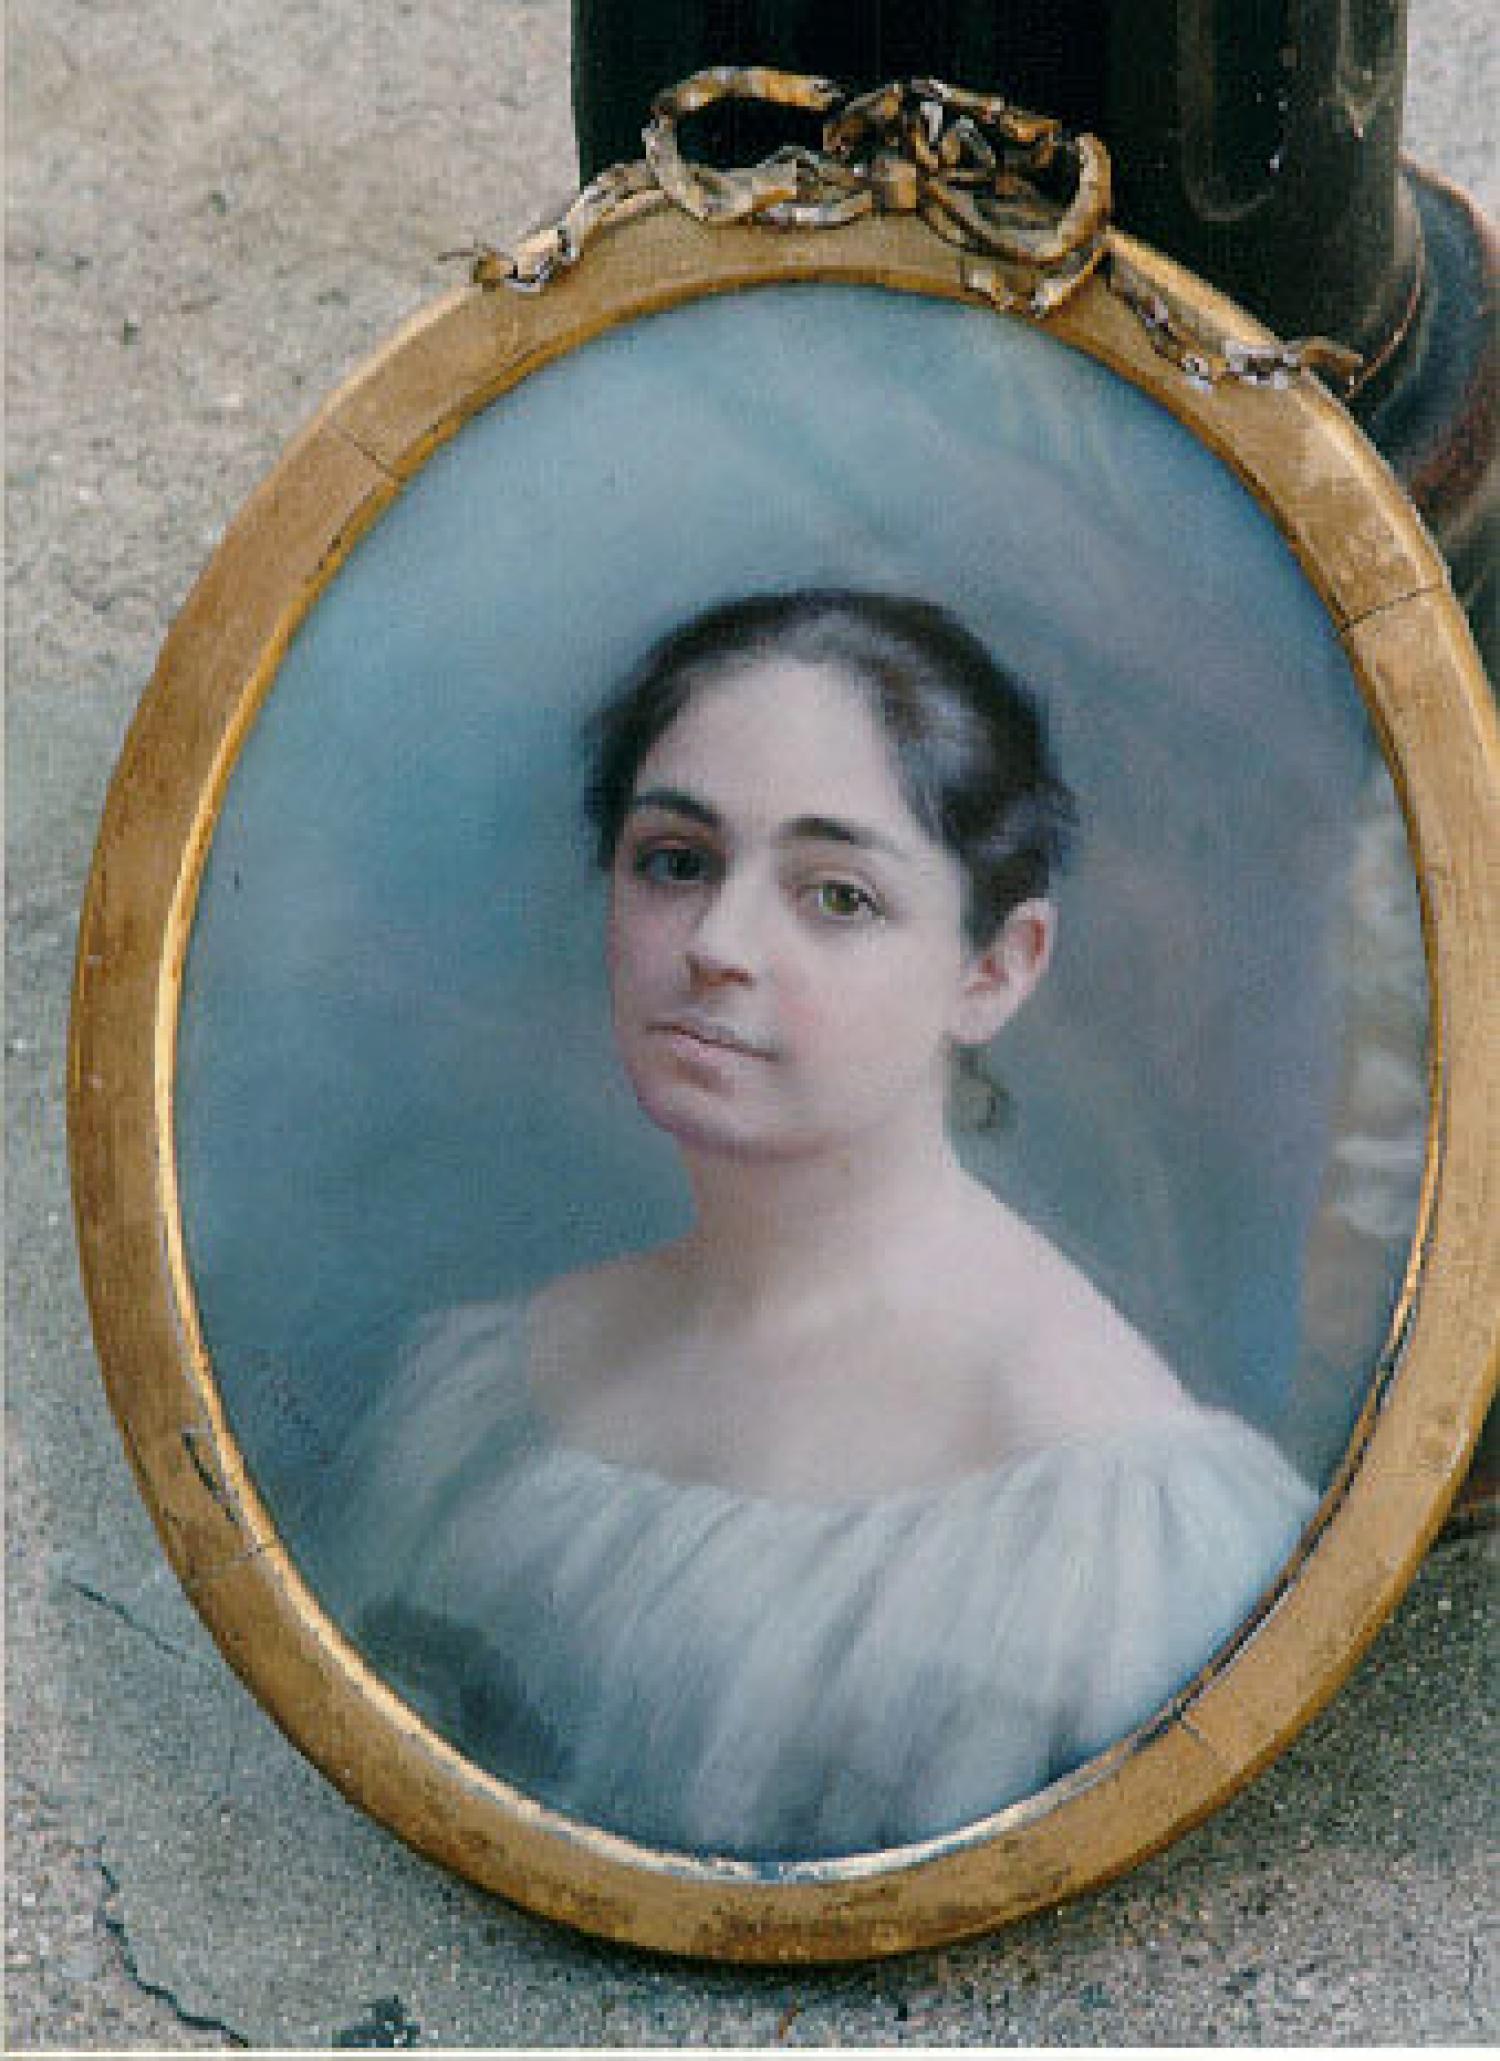 Jenny Lind portrait pastel painting by M lewis